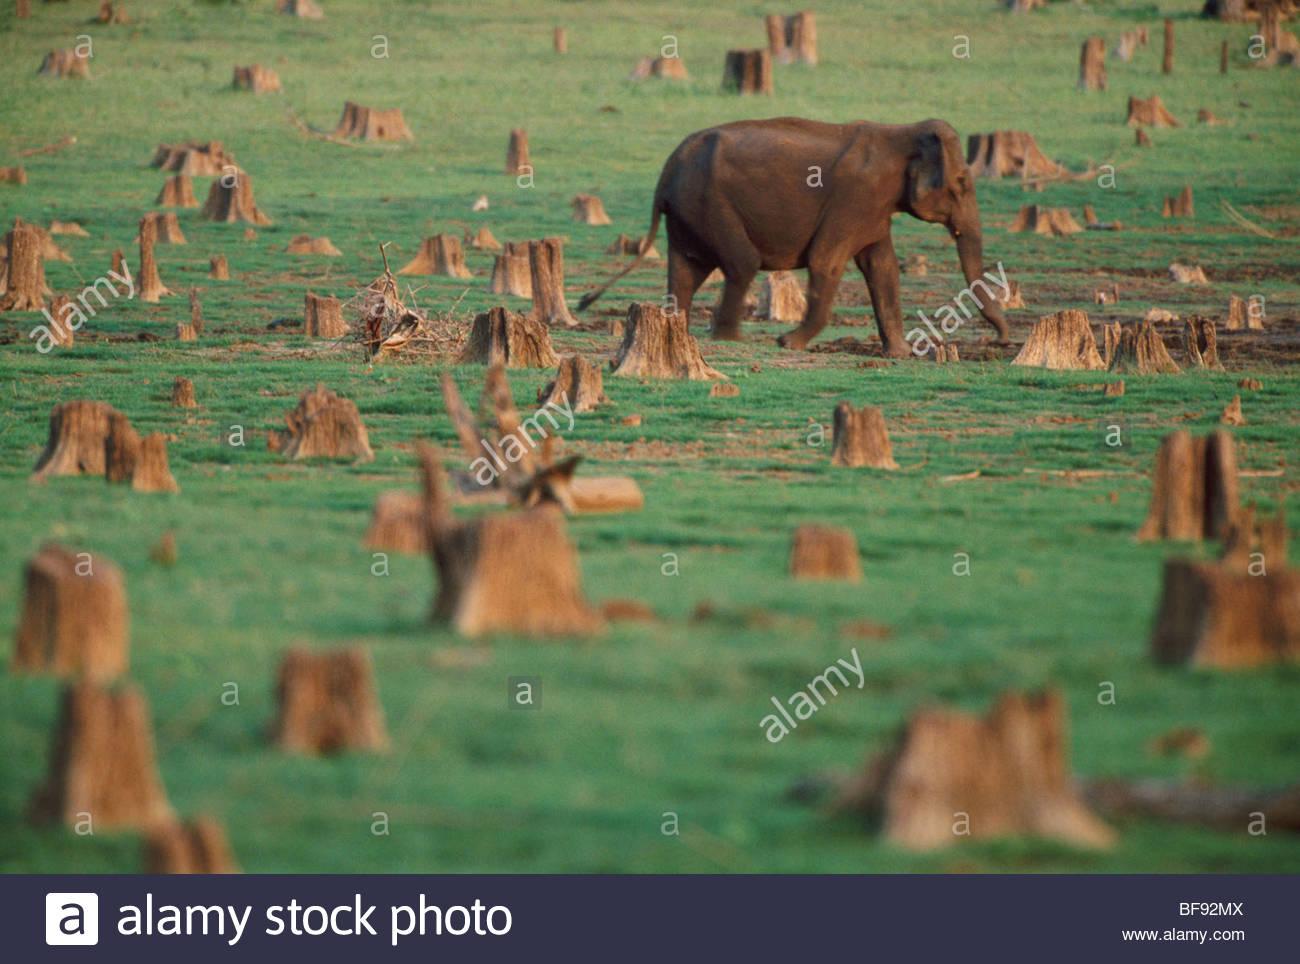 La quête de l'éléphant asiatique sur les souches d'arbre au milieu du lac, Elephas maximus, Photo Stock